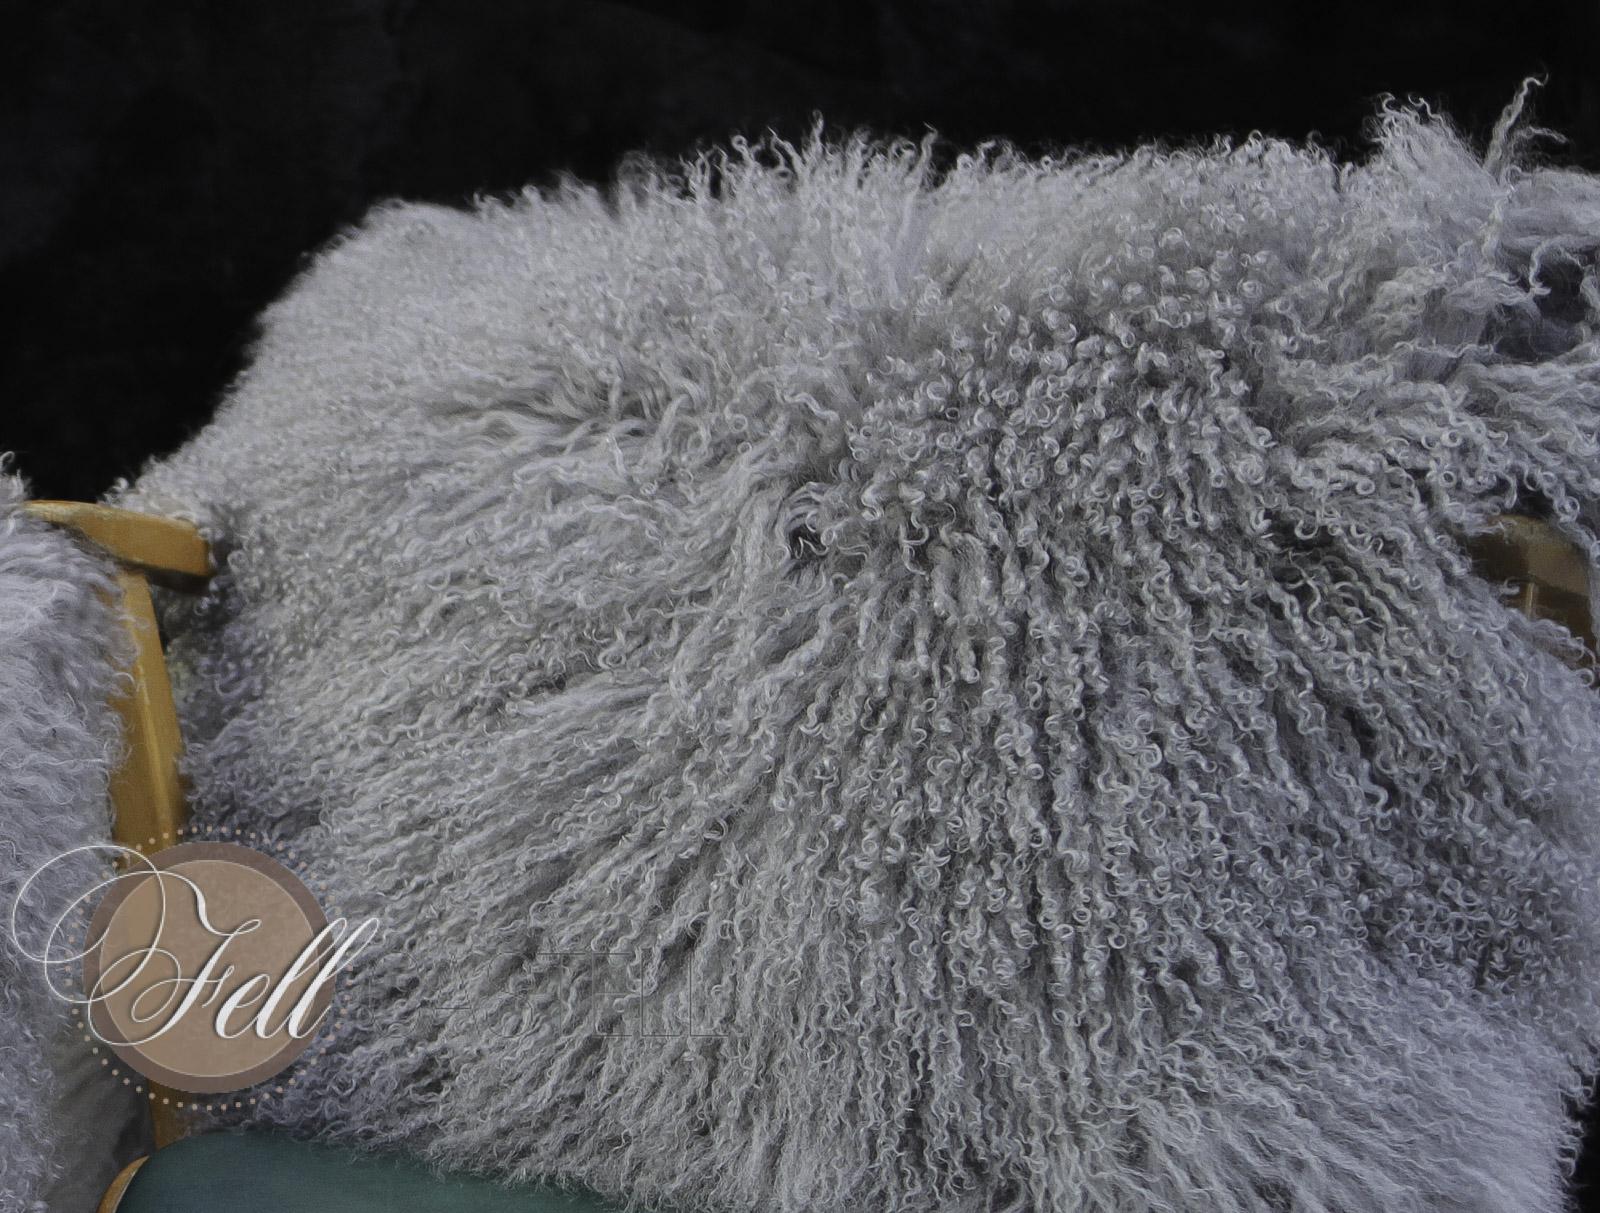 Tibetan Lambskin Lamb Cushion Pillow 12 x 12 inch Mongolian Lambskin